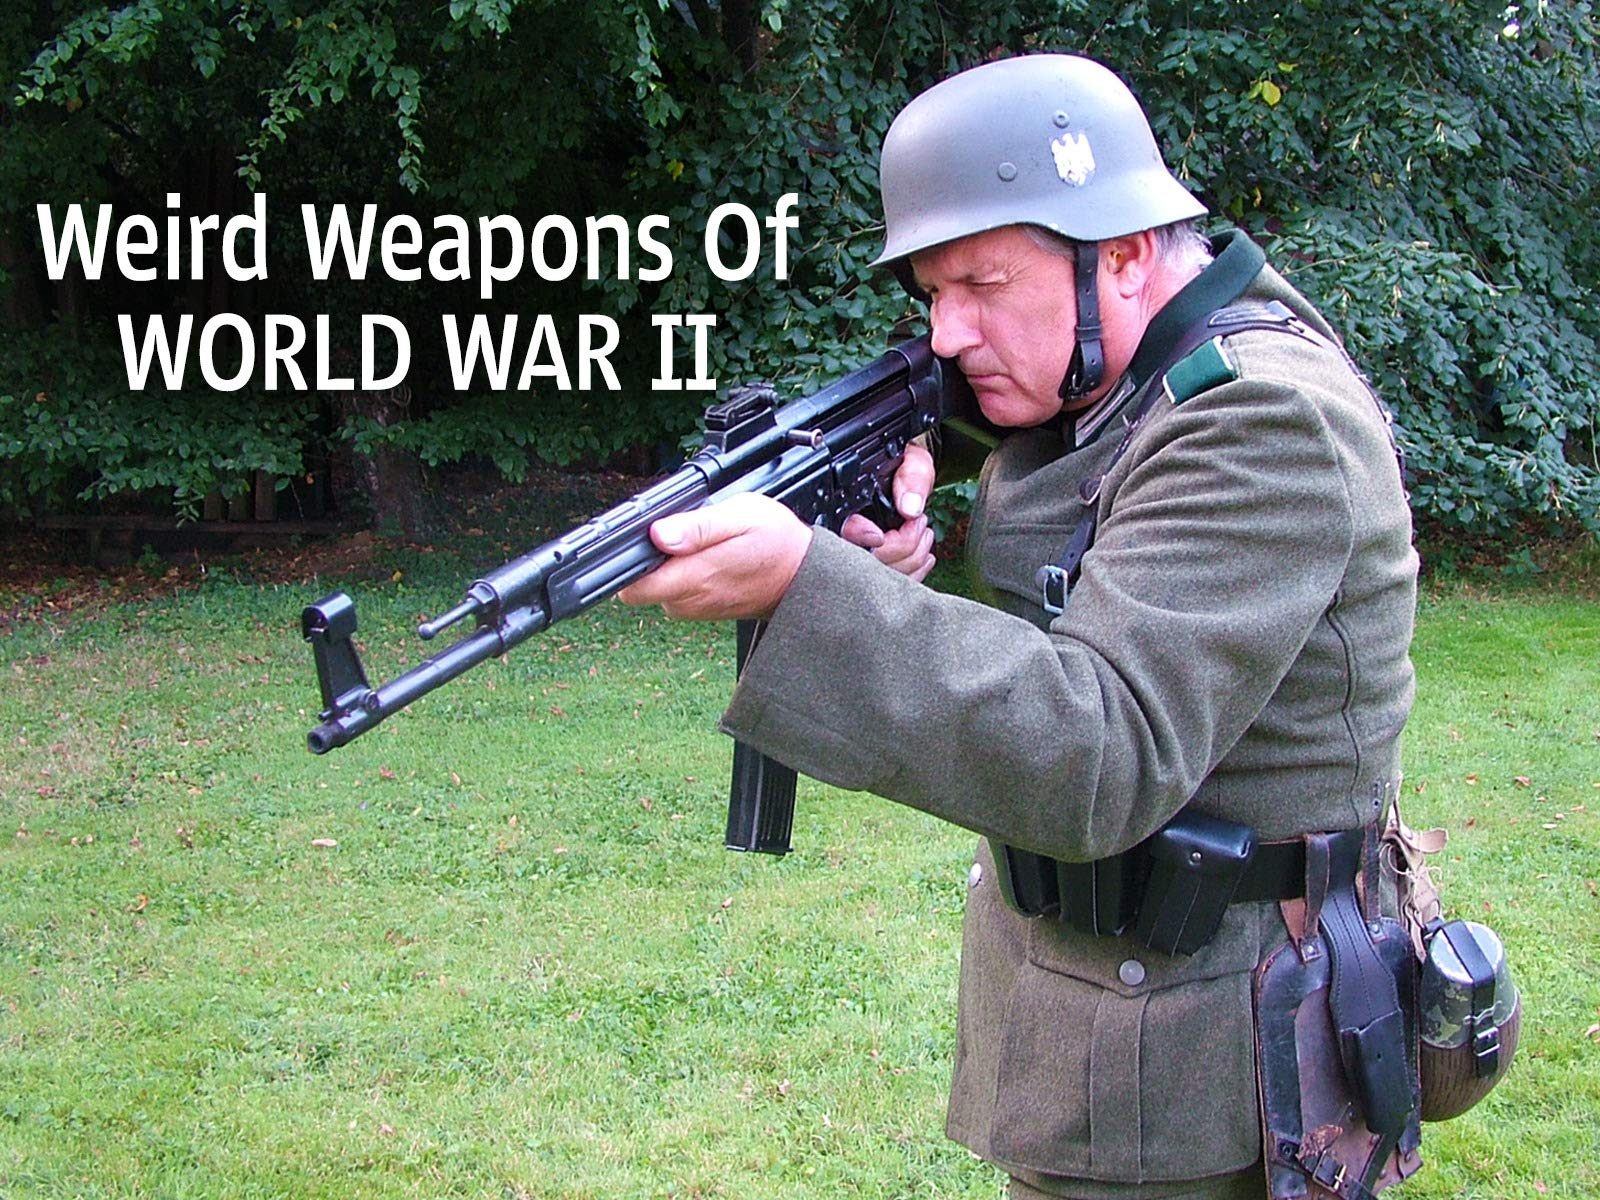 Weird Weapons of World War II - Season 1